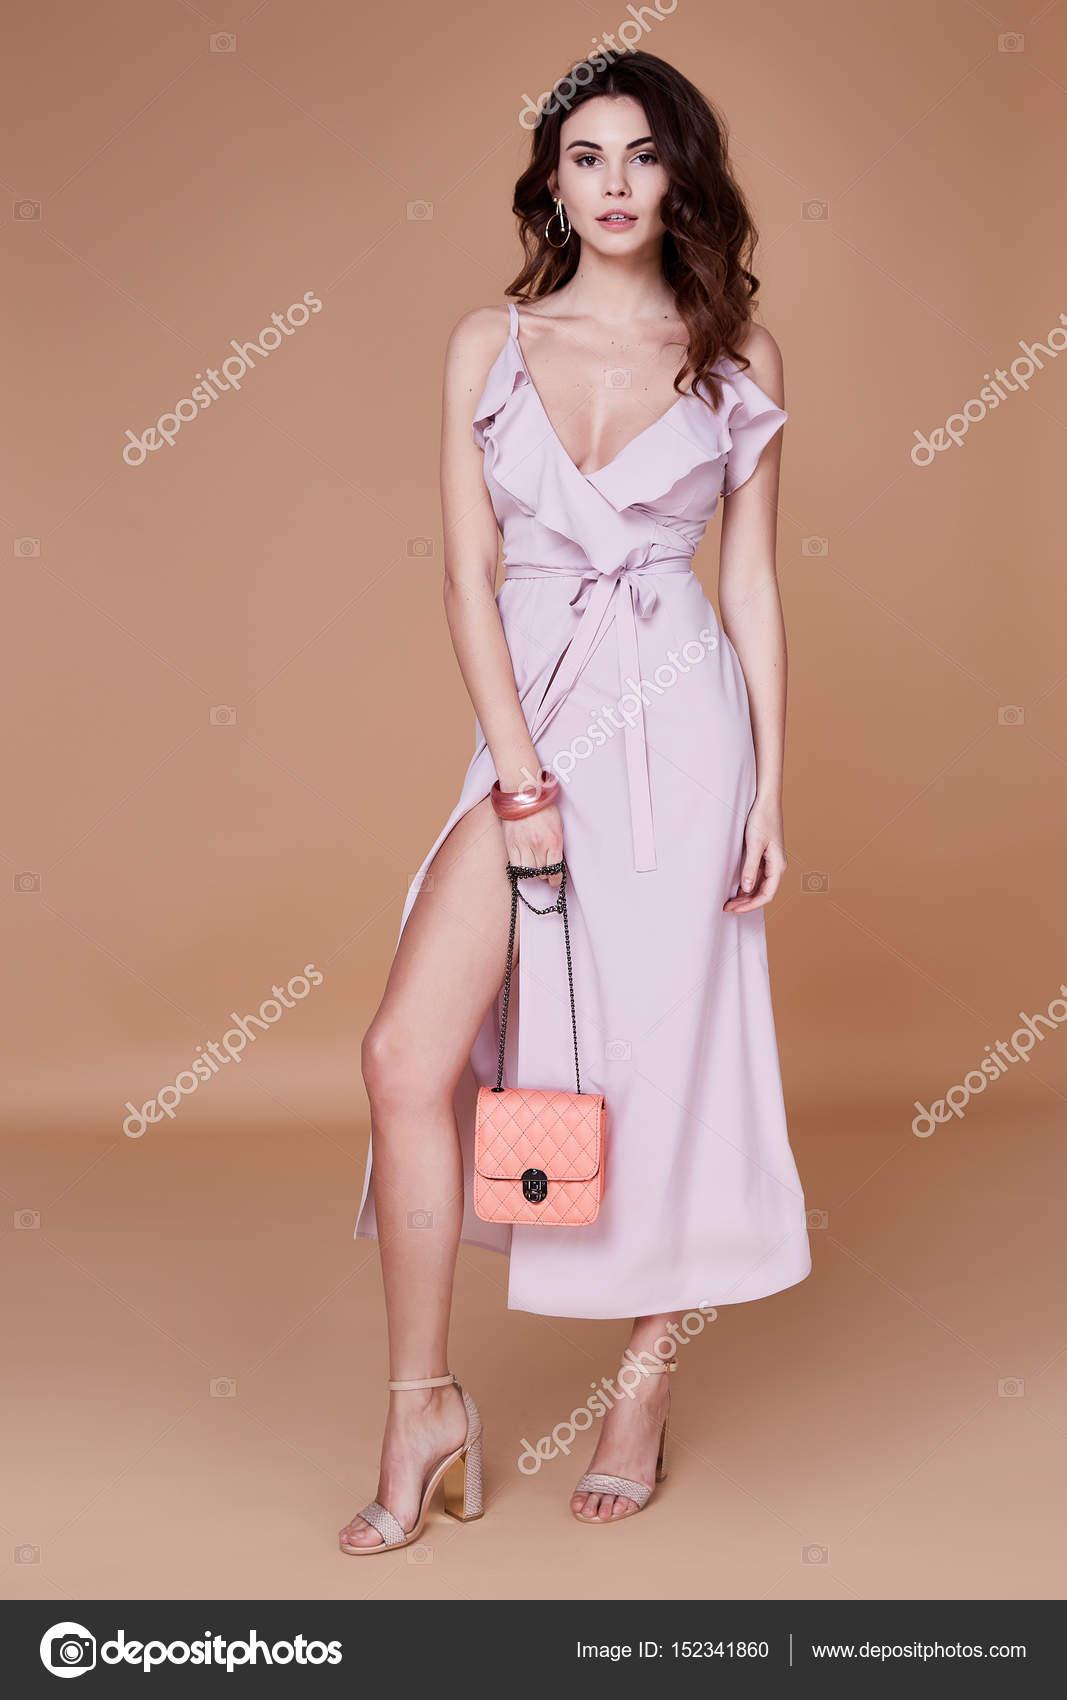 64b7b3c28649 Η γυναίκα σέξι ομορφιά αντιμετωπίζουν αρκετά tan δέρμα φορούν ροζ μεταξωτό  φόρεμα μακρύ κοκαλιάρικο σώμα σχήμα μακιγιάζ καλλυντικά καλοκαίρι συλλογή  studio ...